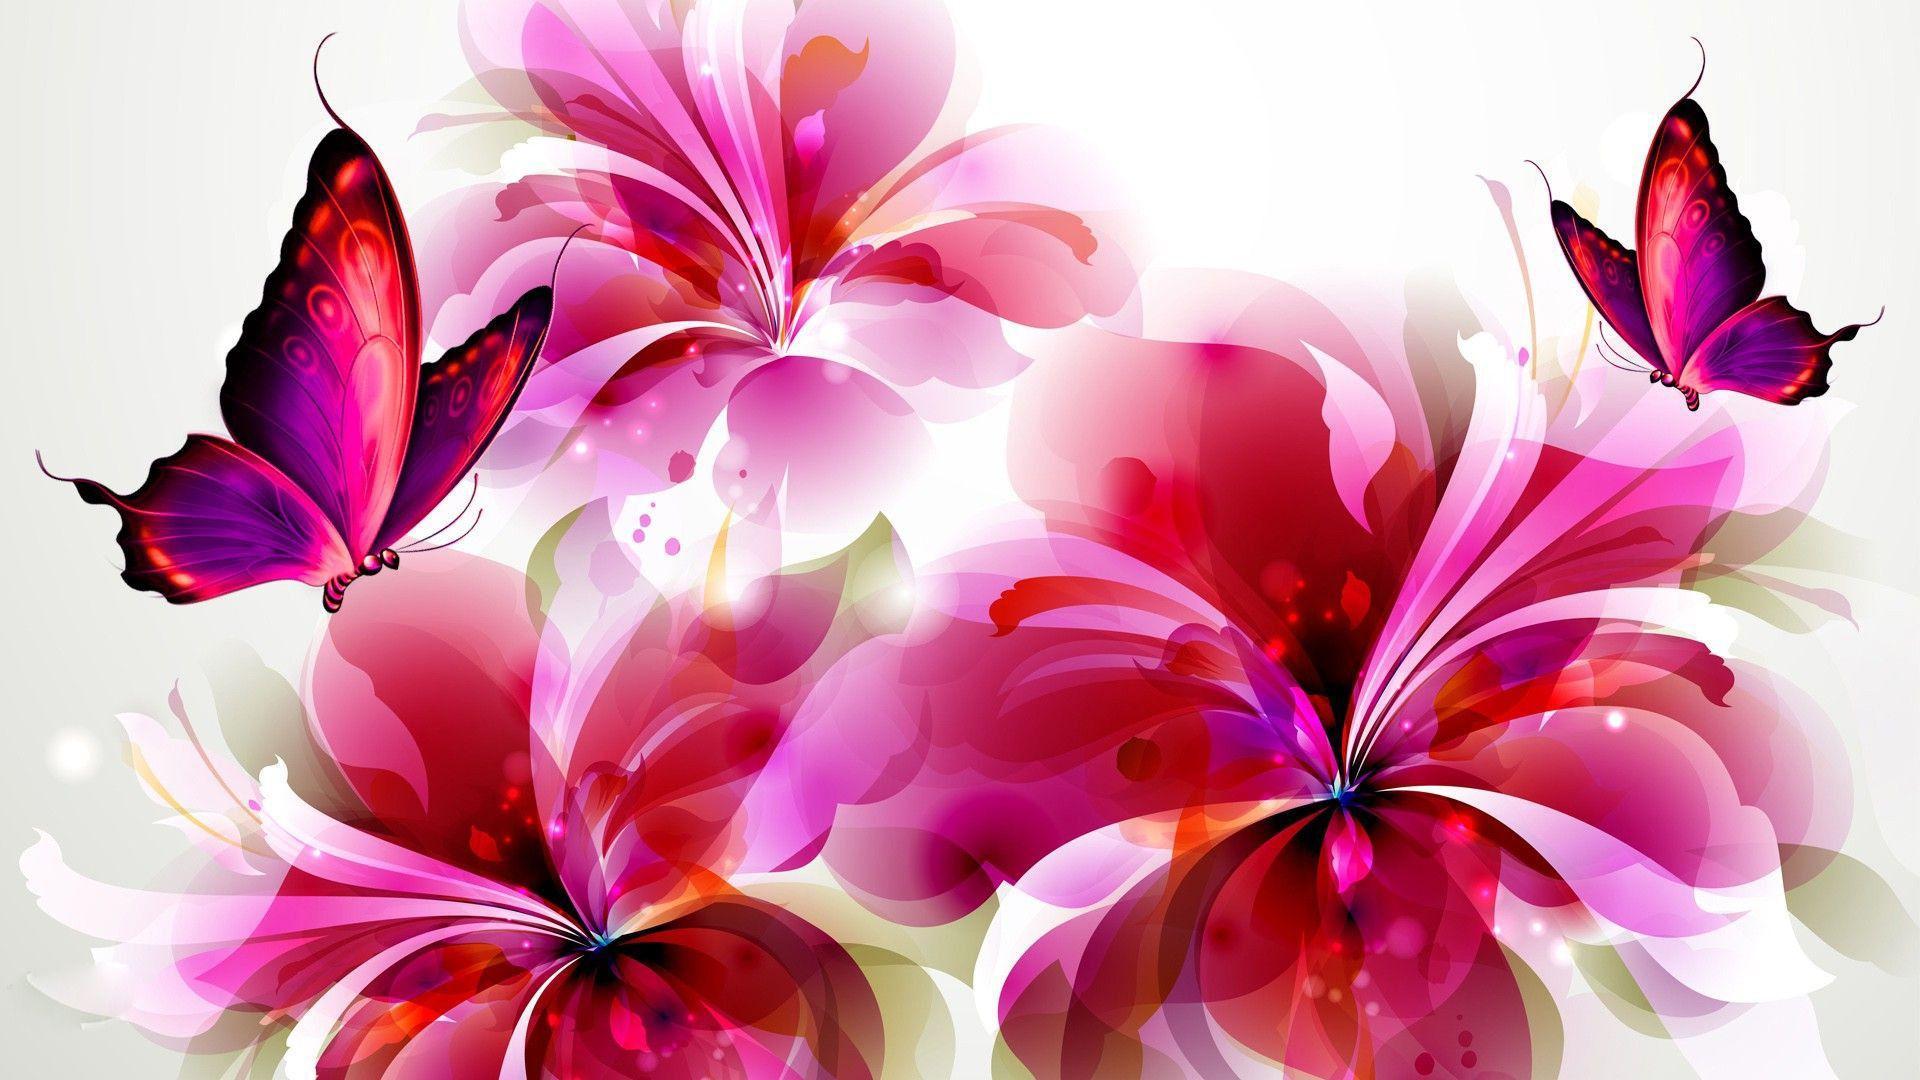 Wallpaper Flowers and Butterflies | Flowers and butterflies HD ...